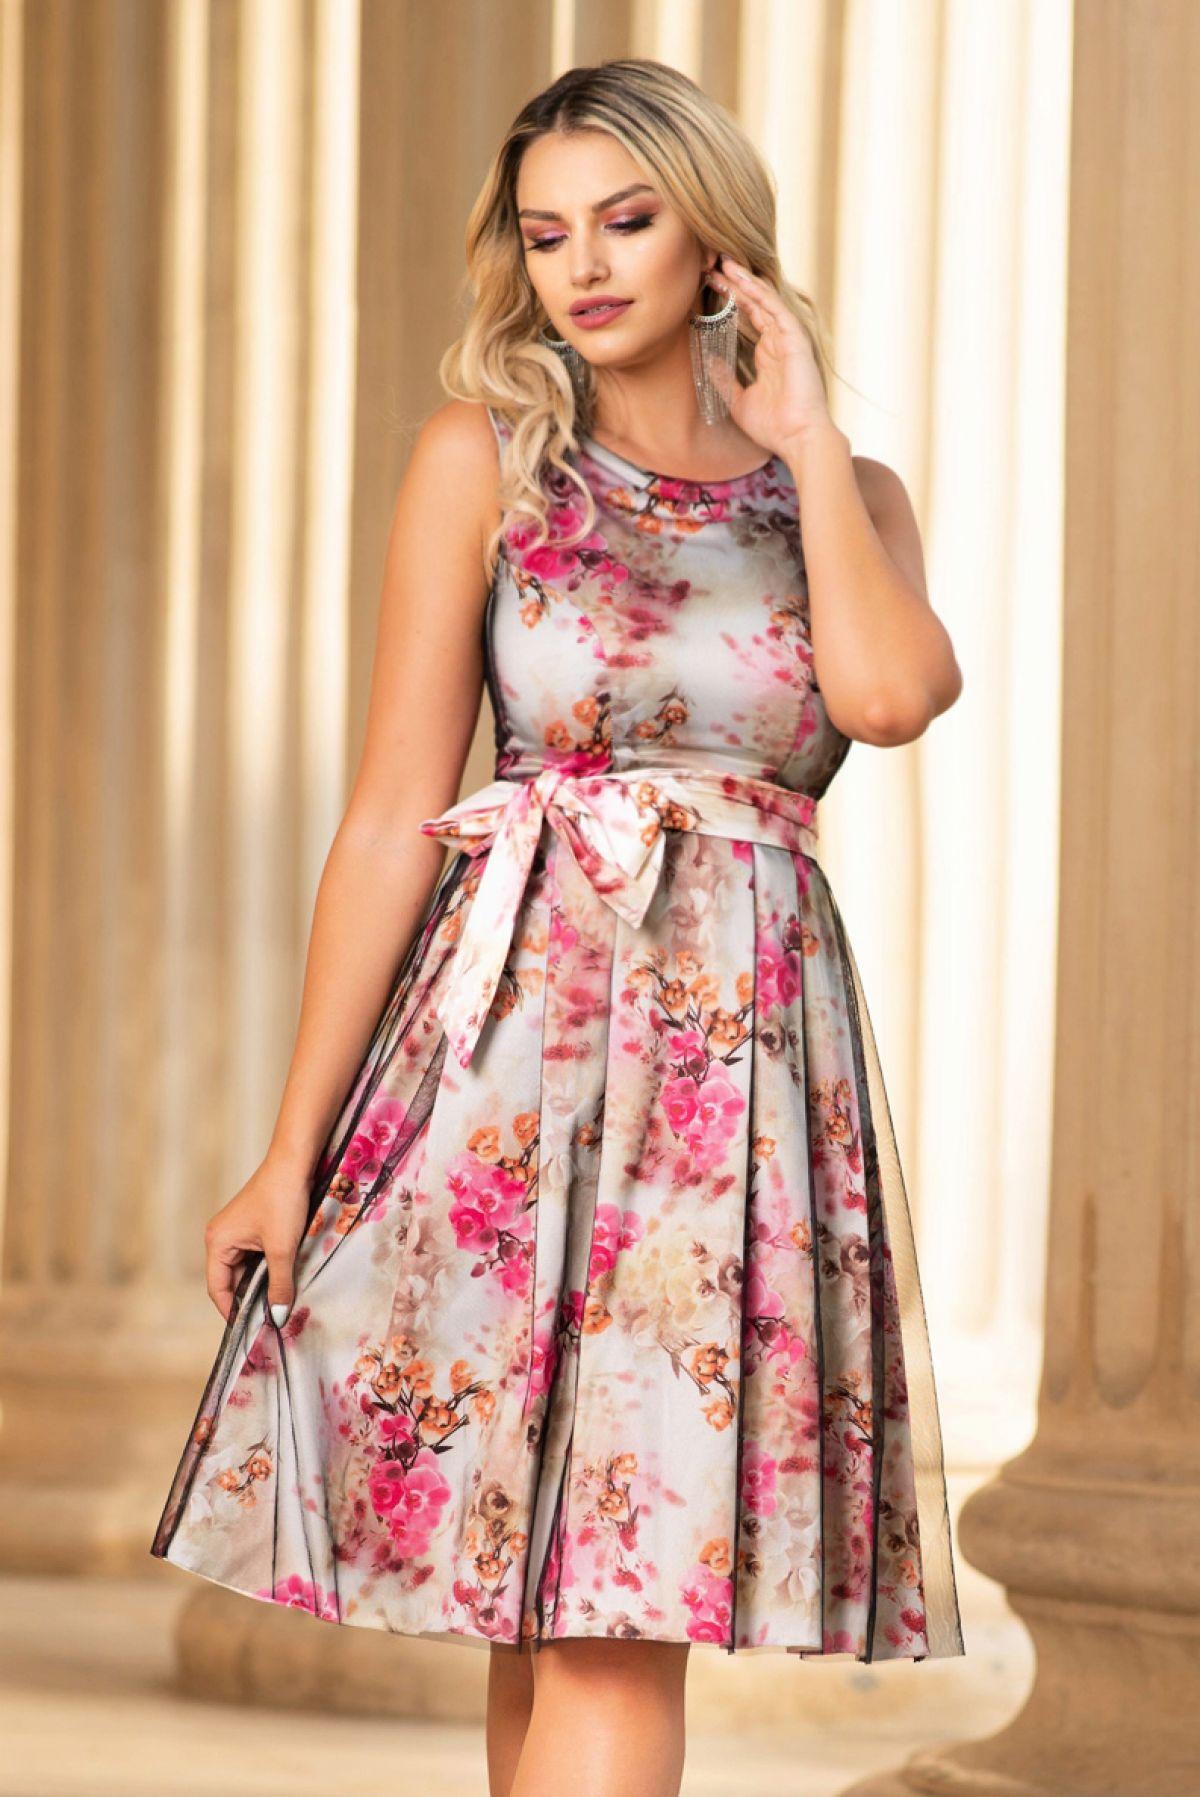 Rochie de ocazie cu imprimeu floral roz si tul negru